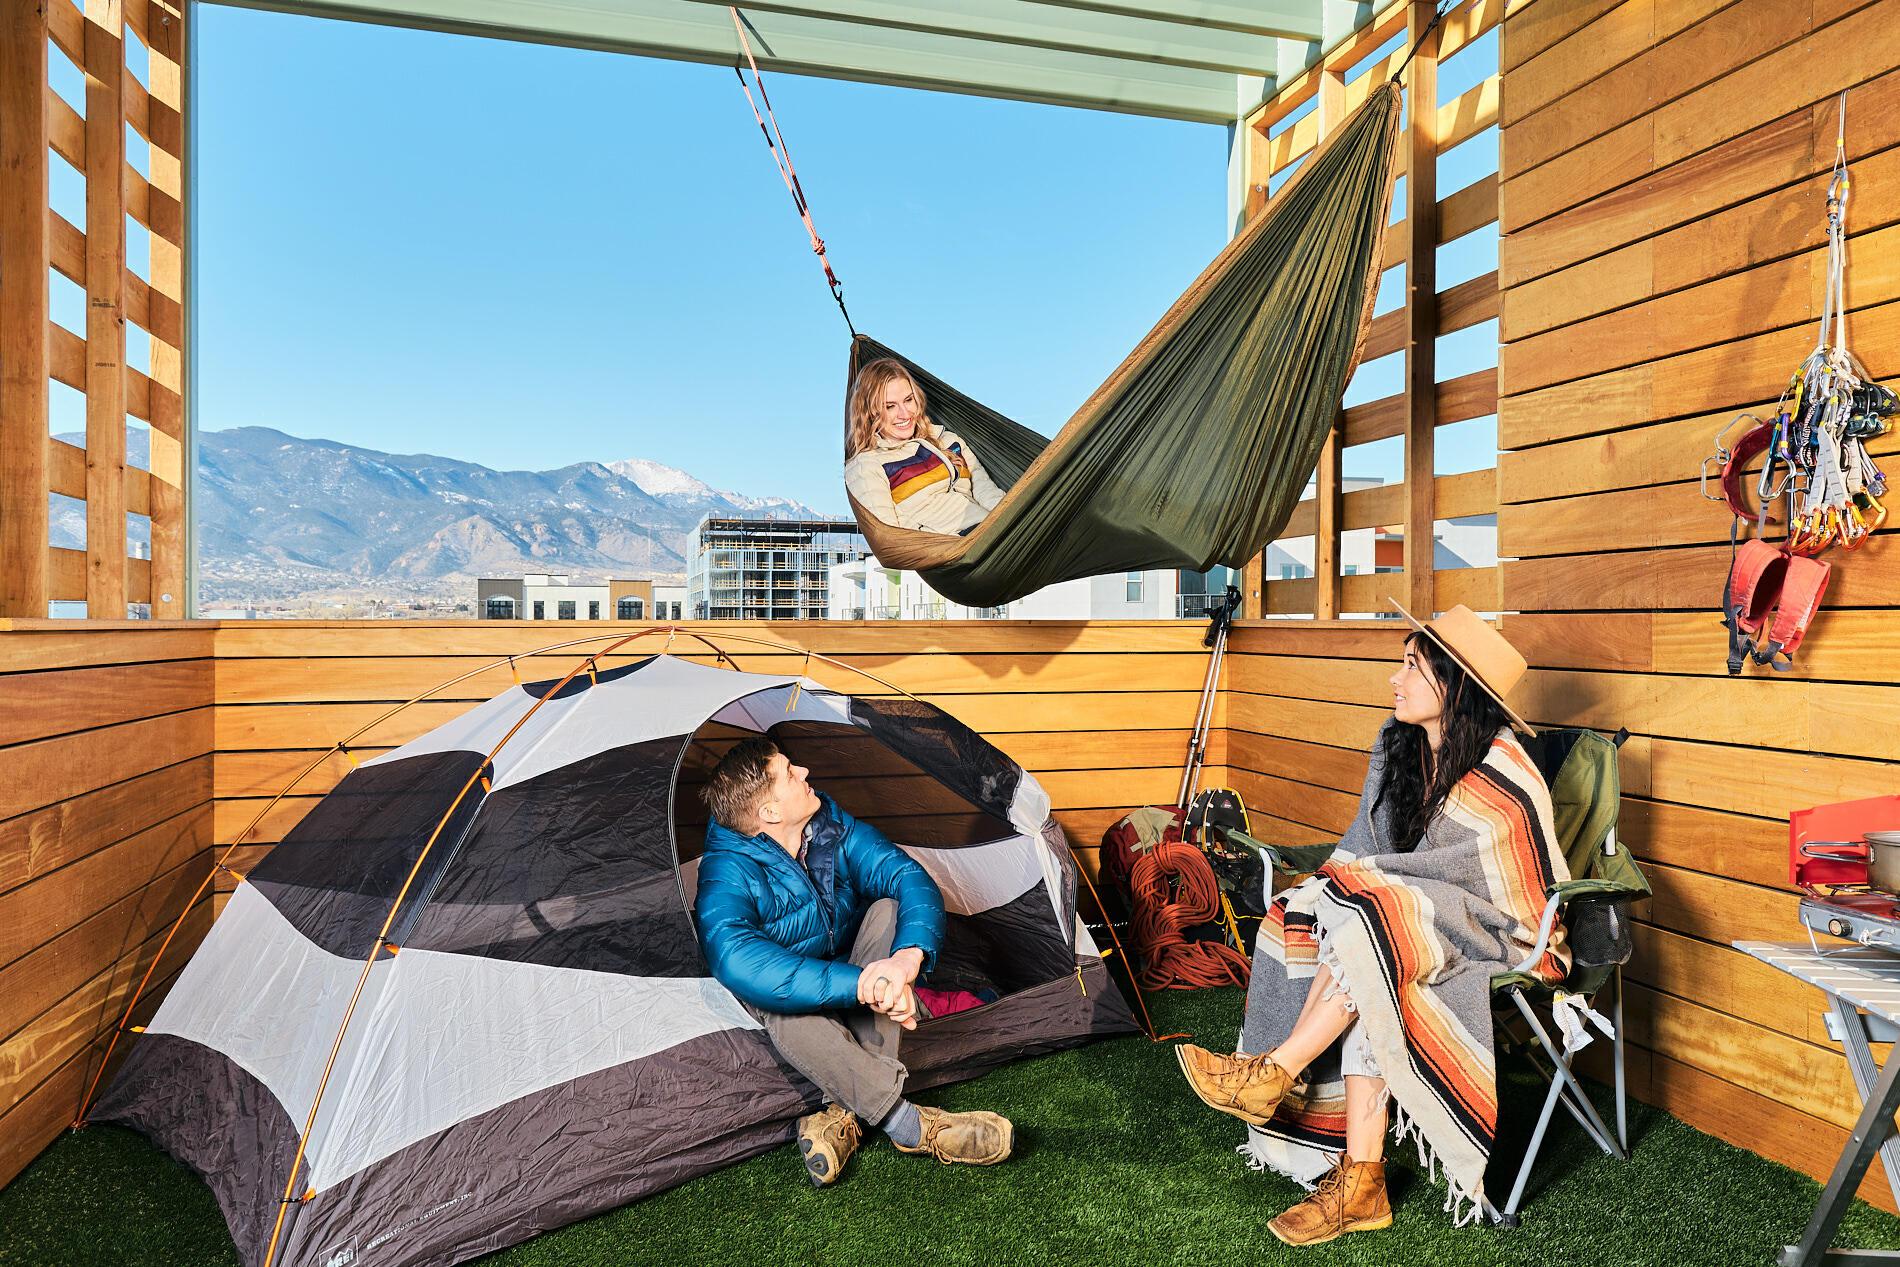 Camping in Colorado Springs